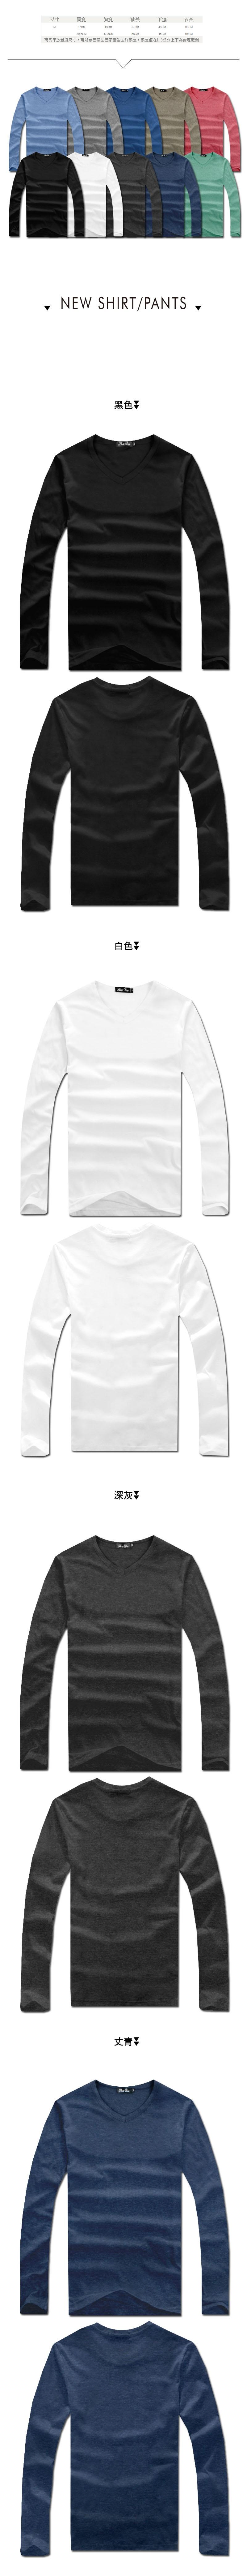 長袖T恤 T-Shirt 情侶T恤 MIT台灣製 日系素色多色合身V領長T【S8554】艾咪E舖情侶長袖